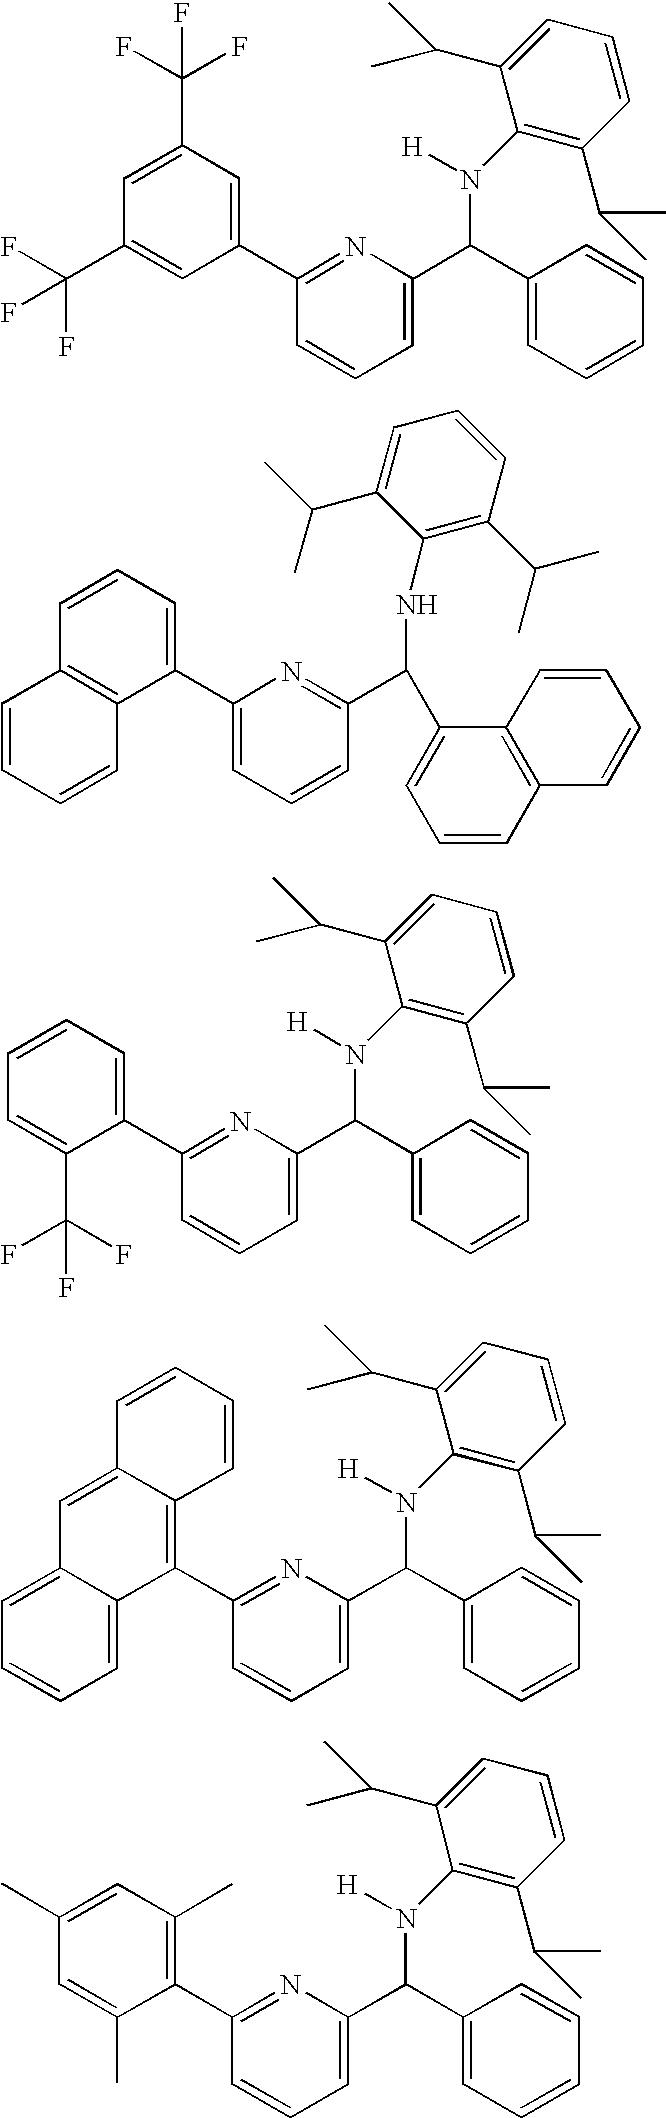 Figure US06900321-20050531-C00018